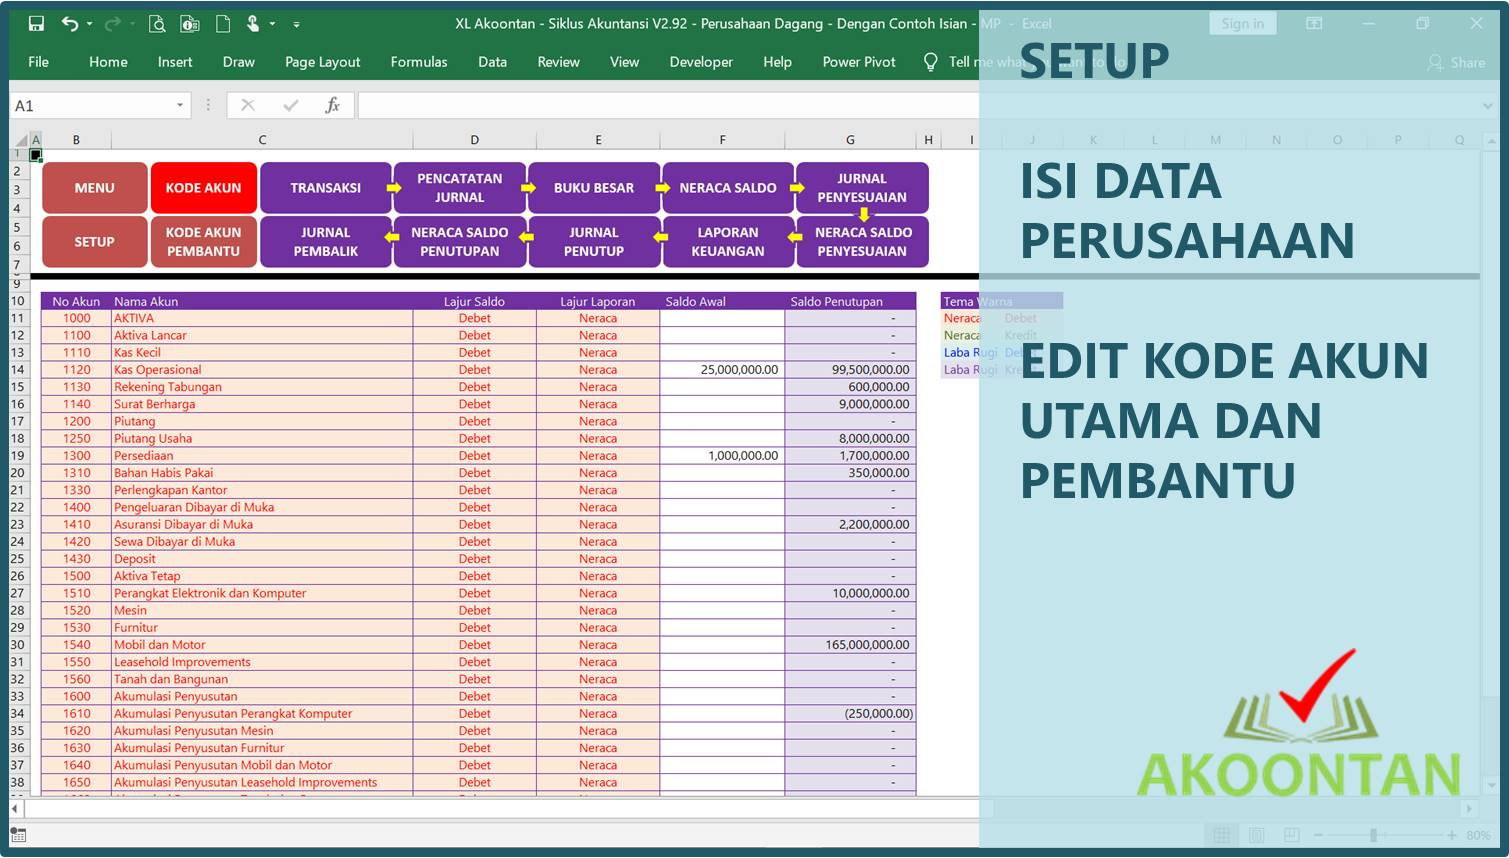 Akuntansi-ID - Excel Siklus Akuntansi - Kode Akun